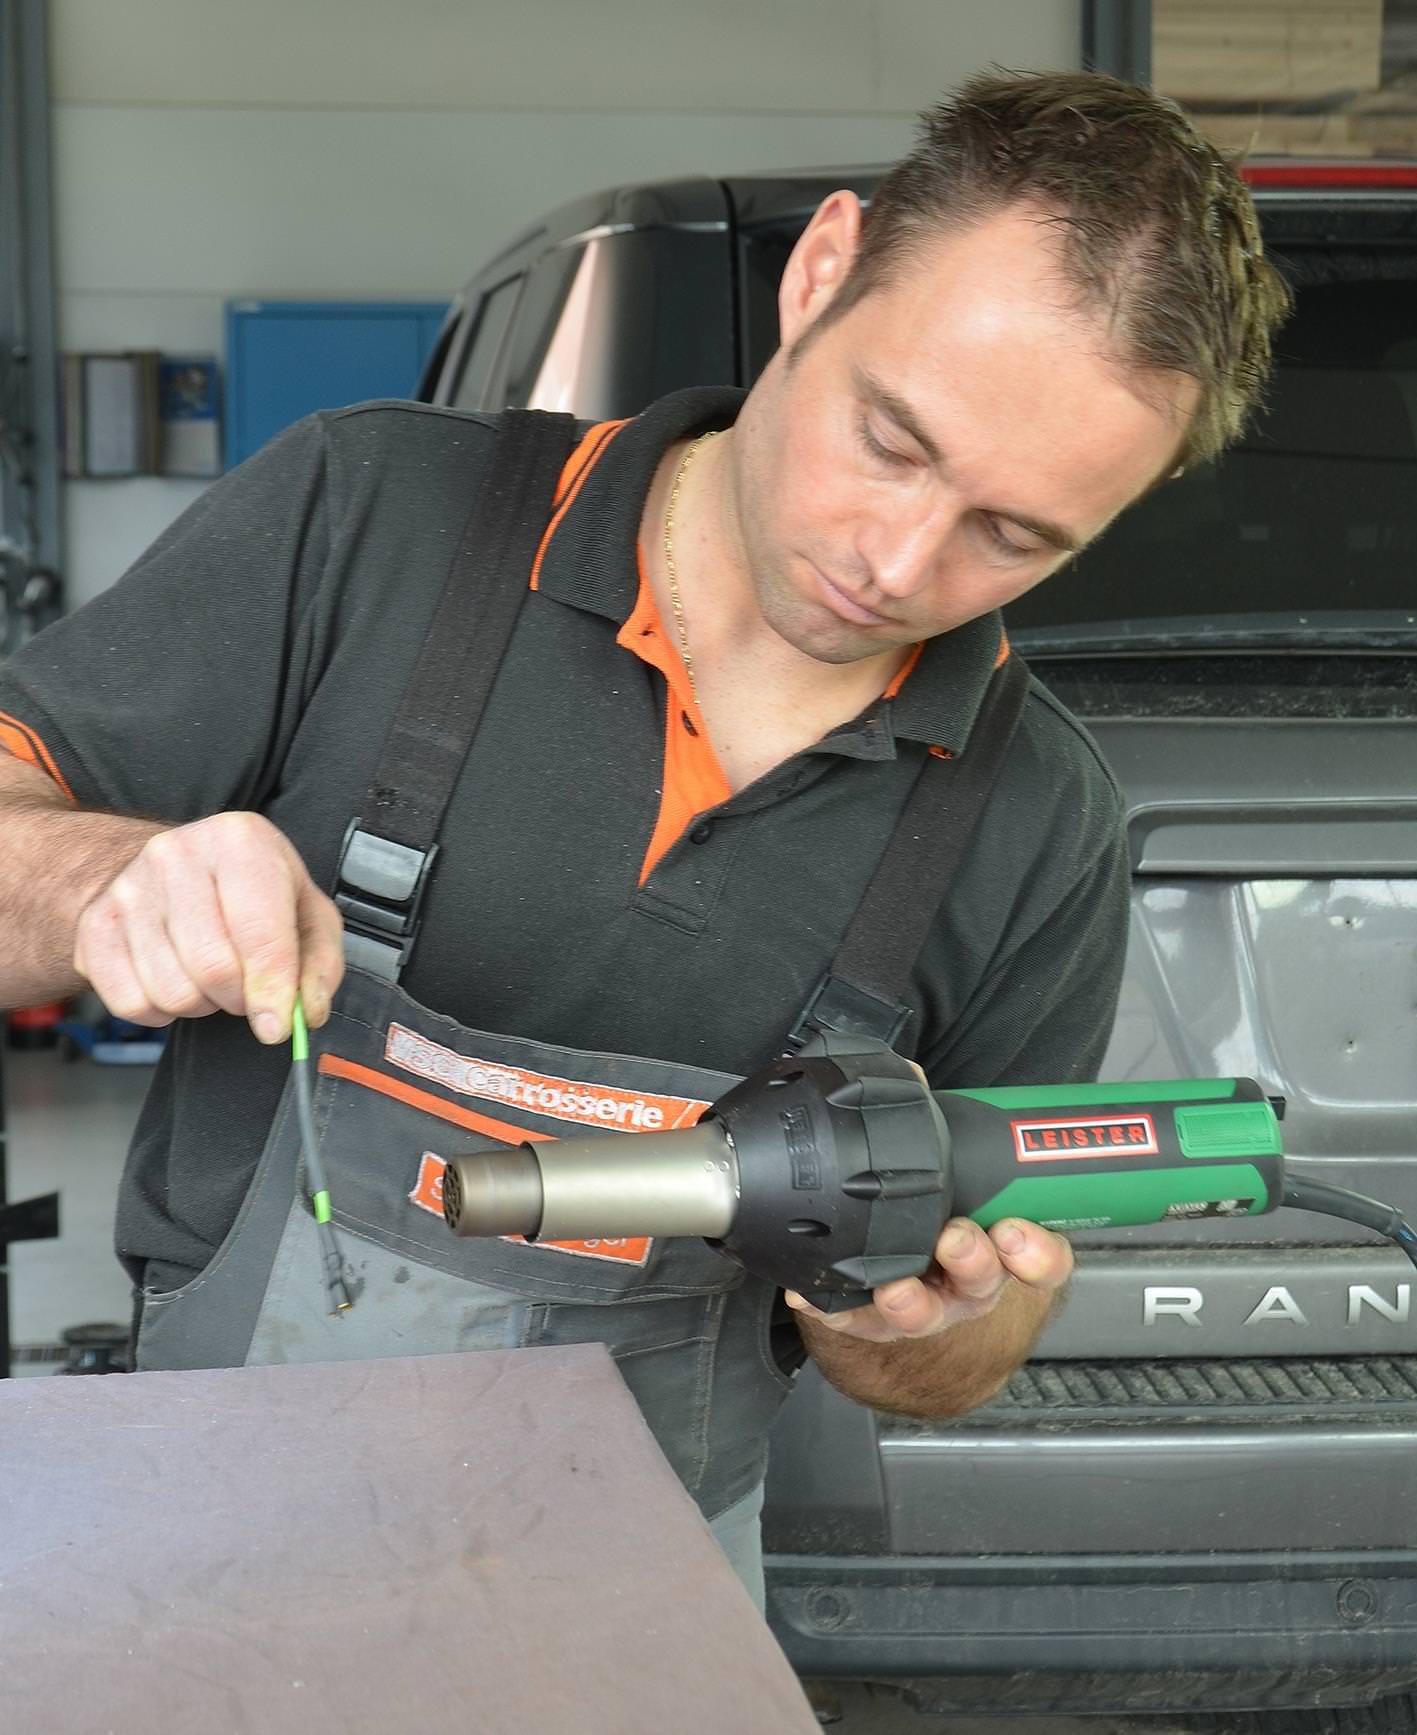 Leister Triac ST - naprawa w warsztacie samochodowym (wersja do dysz nasuwanych) 141.227